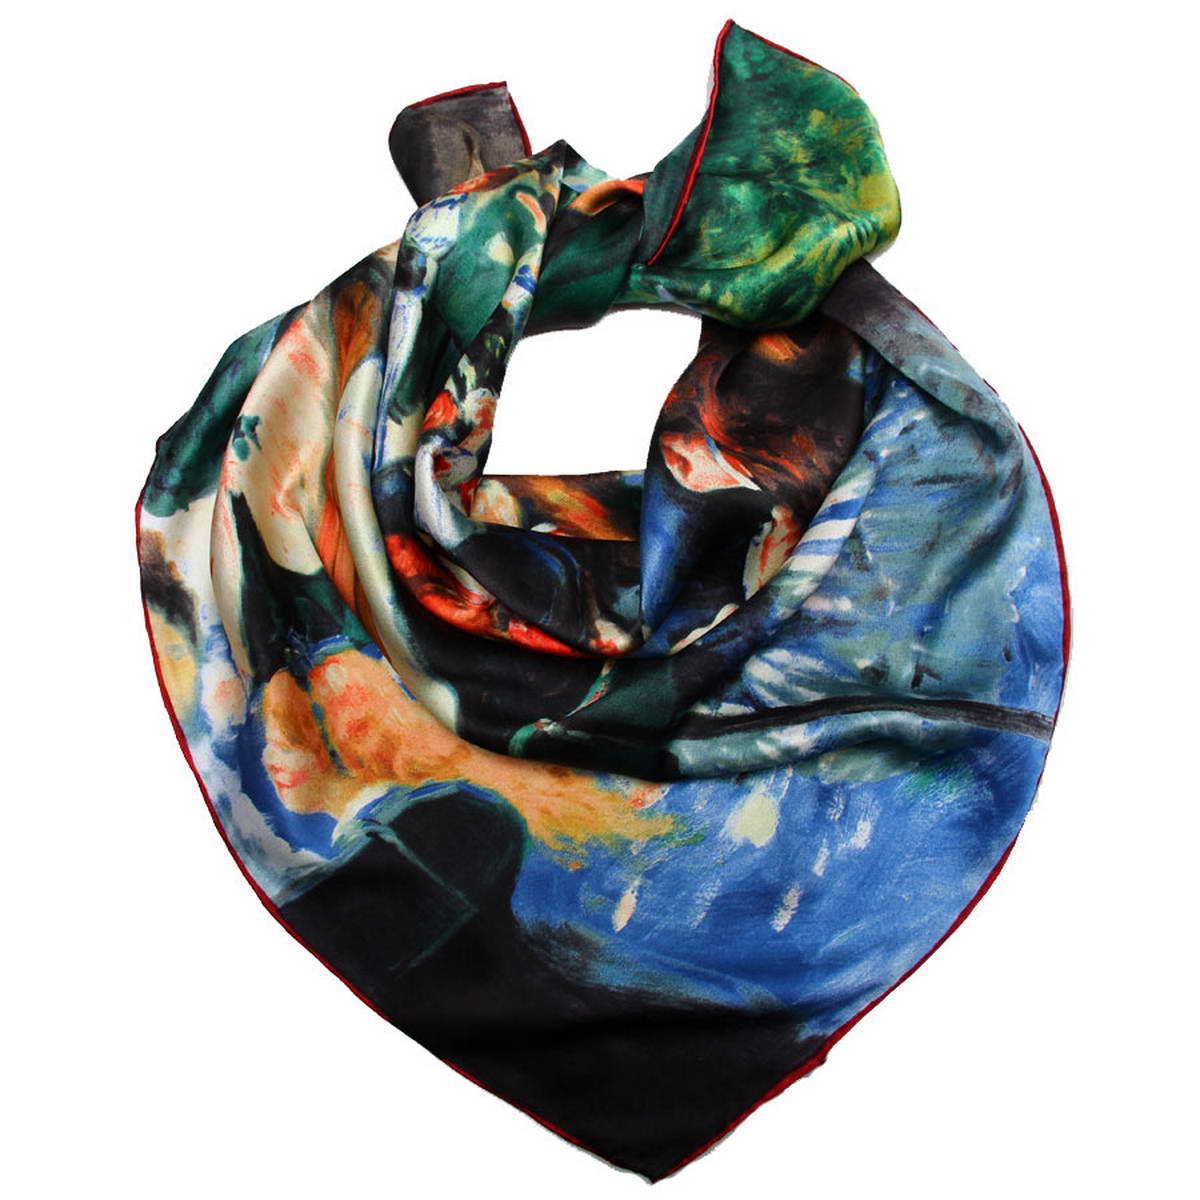 Платок женский Venera, цвет: синий, зеленый, мультиколор. 1810912-2. Размер 90 см х 90 см1810912-2Изысканный женский платок Venera изготовлен из натурального шелка. Такой платок станет неотъемлемым элементом вашего гардероба.Платок оформлен изображением картины Пьера Огюста Ренуара Бал в Мулен де ла Галетт. Края изделия обработаны вручную. С таким аксессуаром вы всегда будете смотреться неповторимо и элегантно.Классическая квадратная форма позволяет носить платок на шее, украшать им прическу или декорировать сумочку.Платок Venera превосходно дополнит любой наряд и подчеркнет ваш неповторимый вкус.